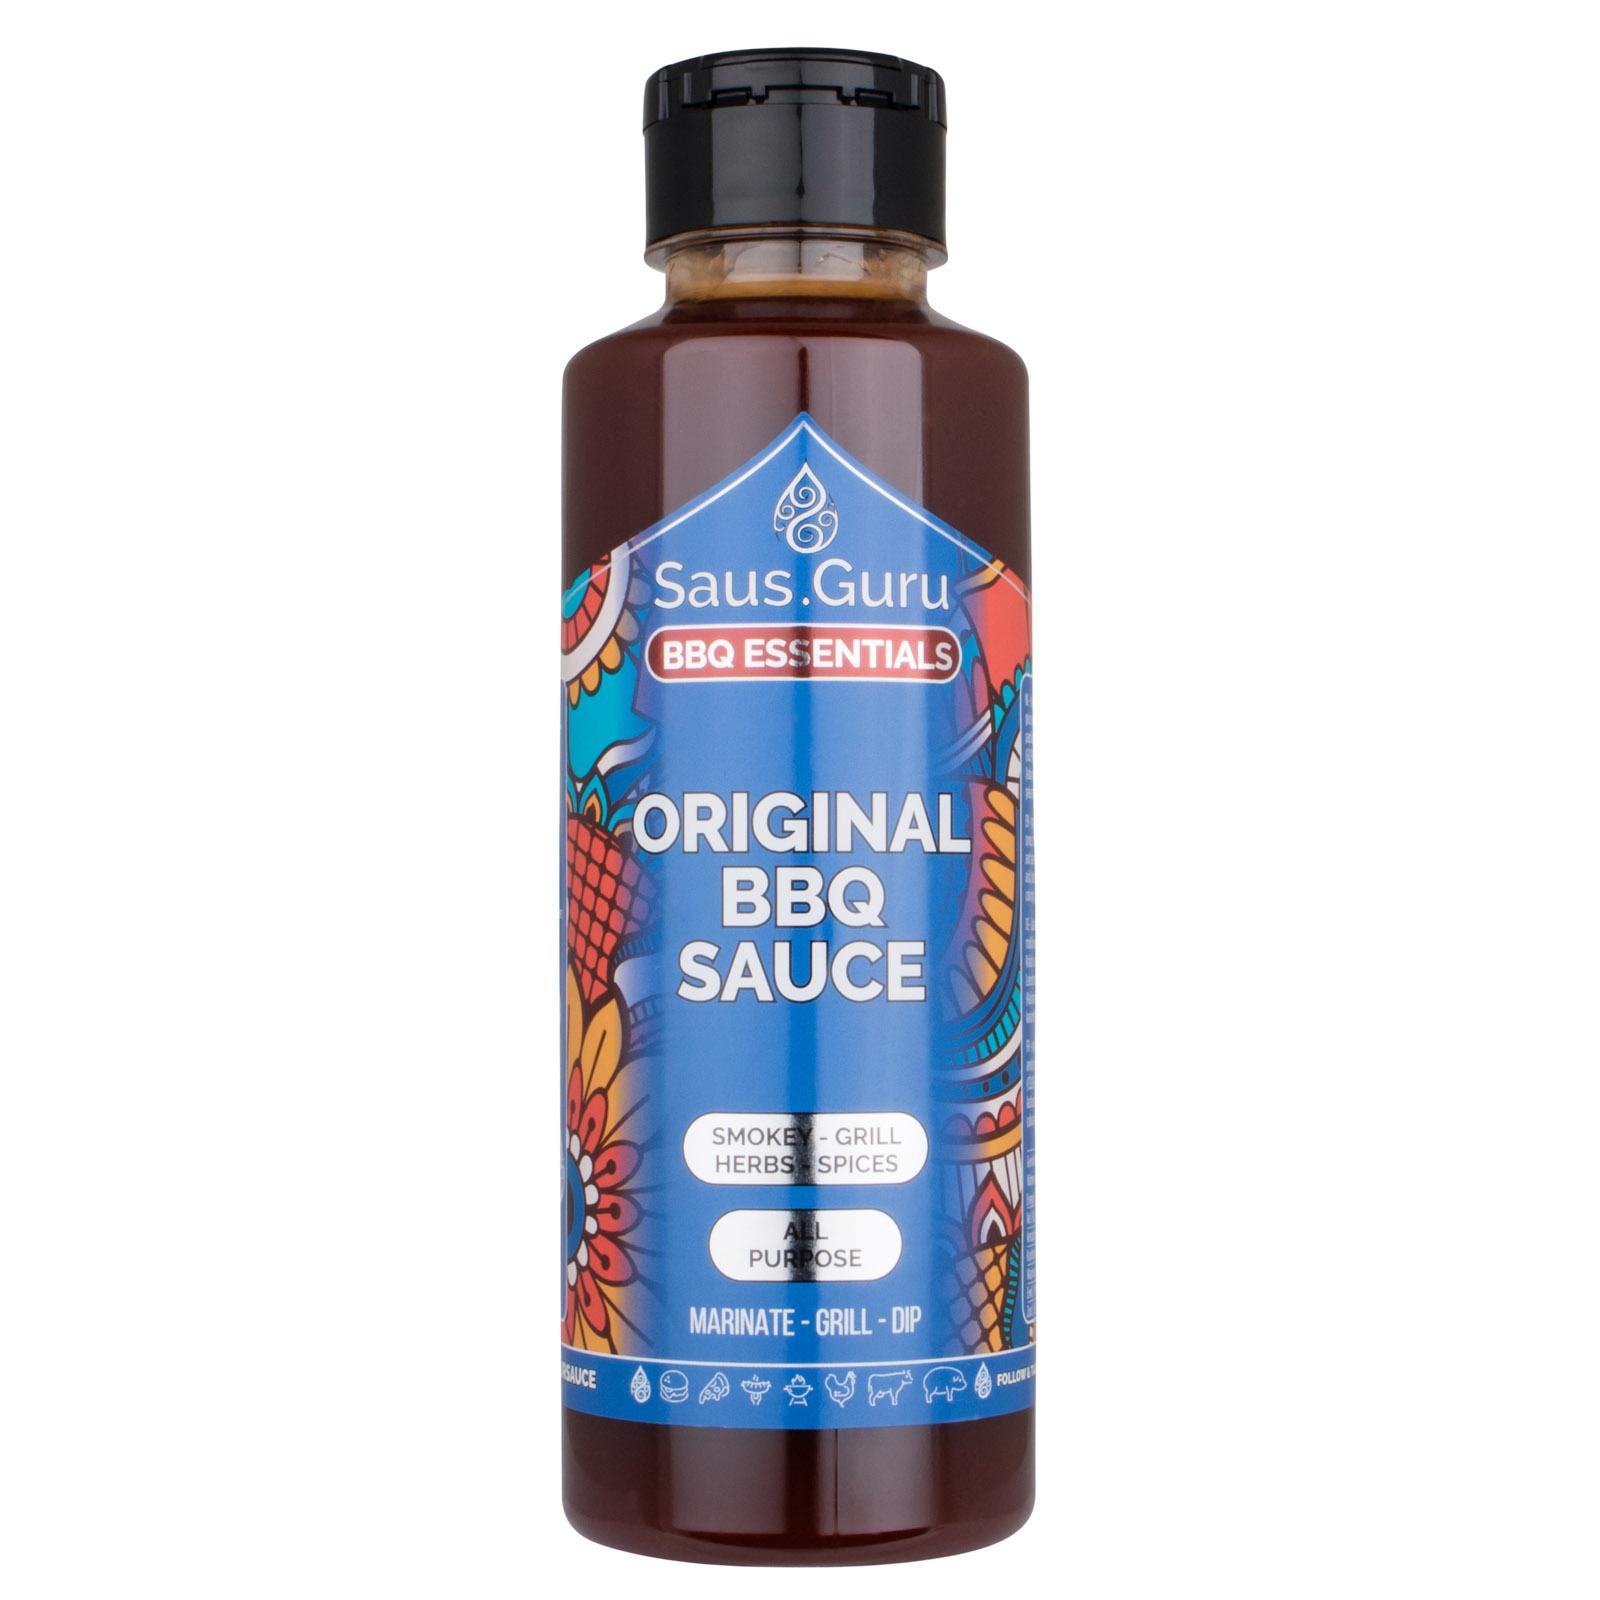 Saus.Guru's Original BBQ Sauce-2